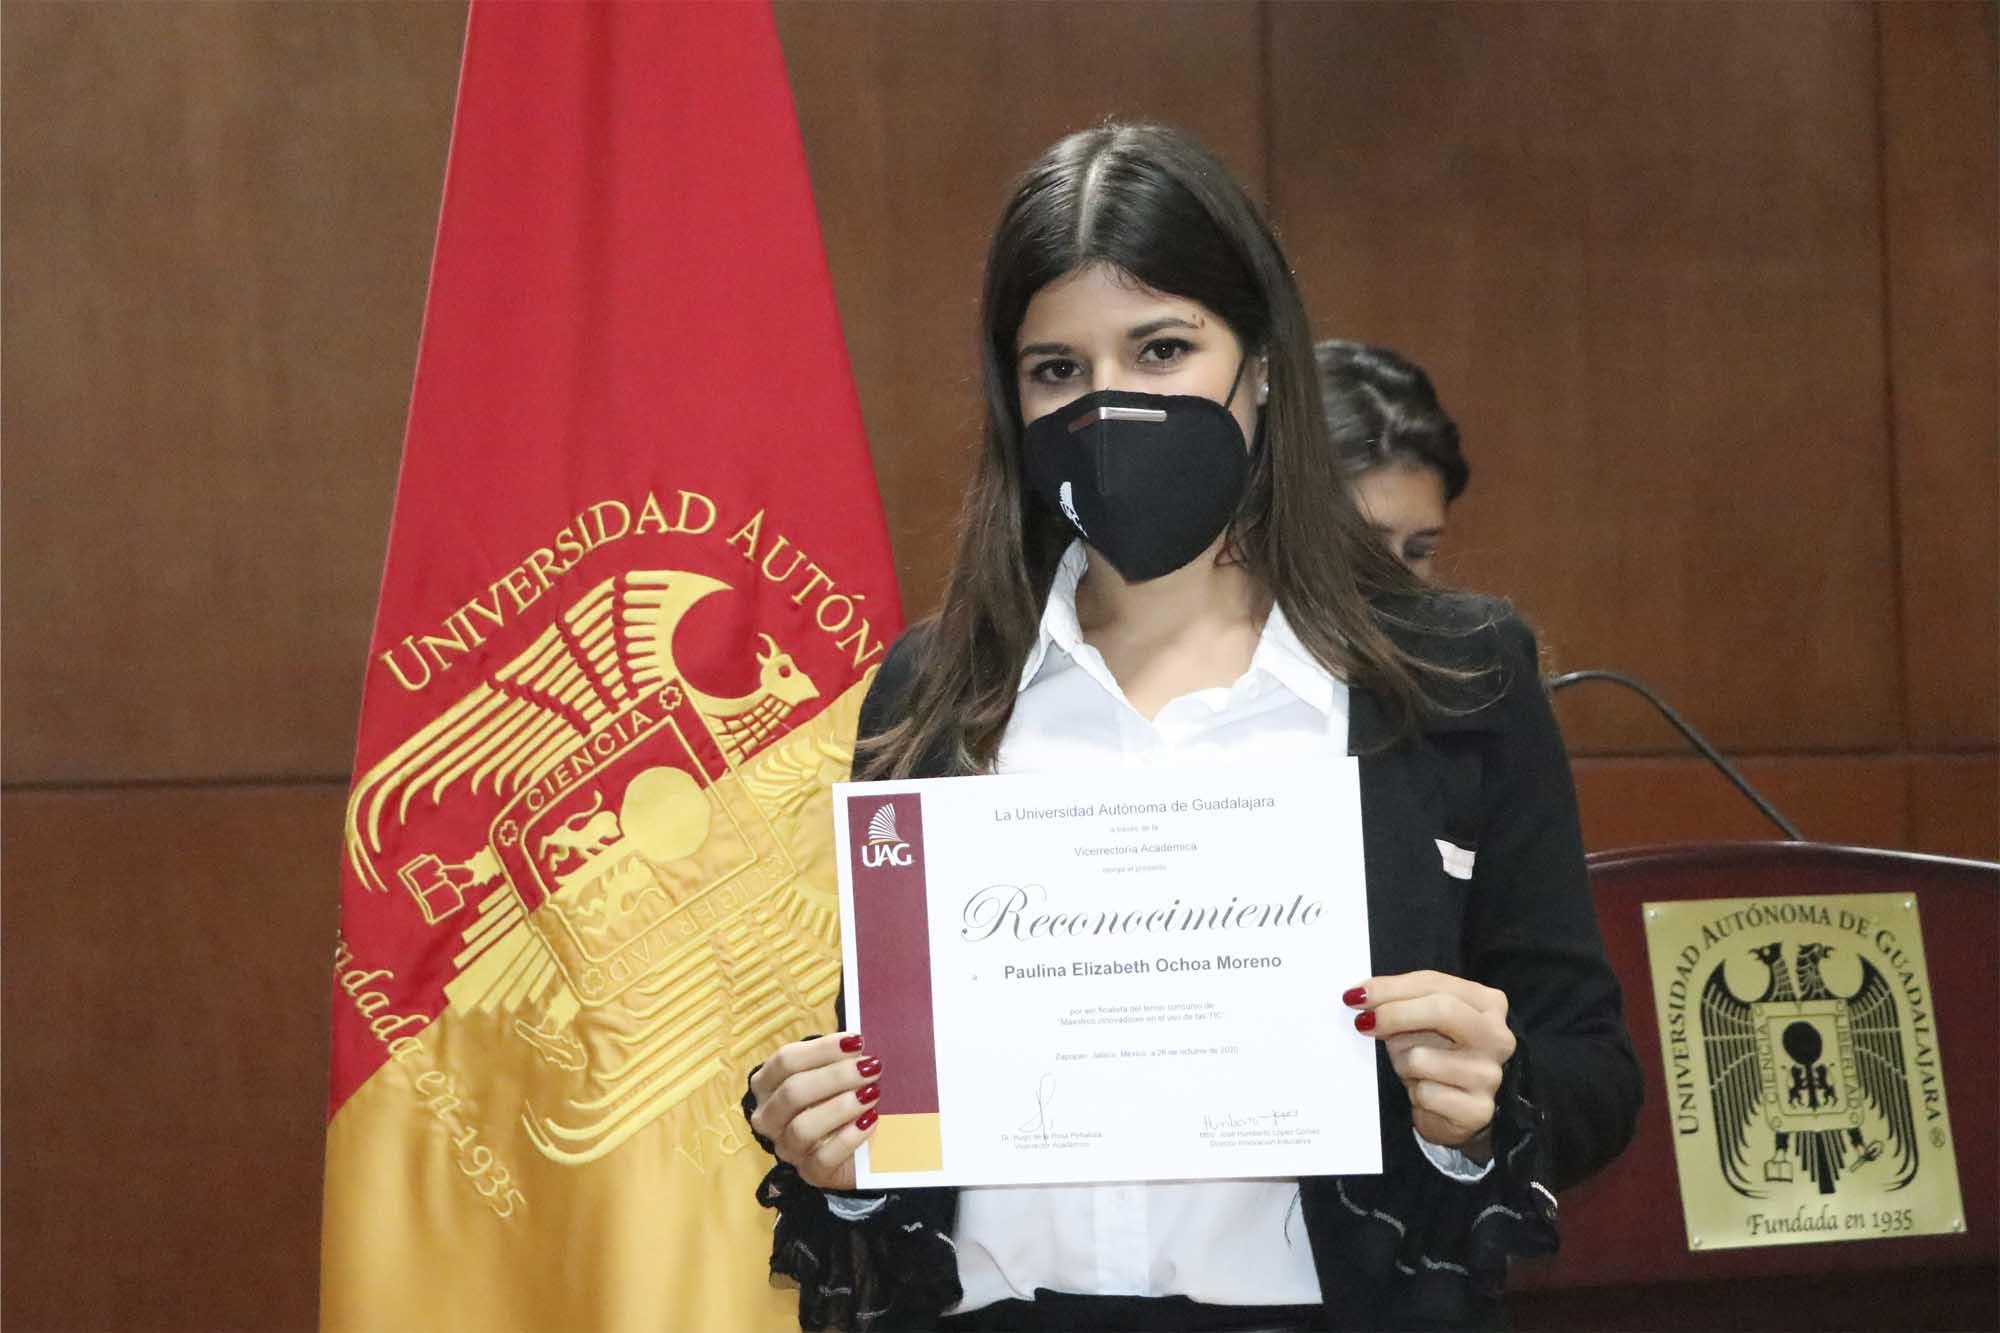 Paulina Ochoa Moreno 021120